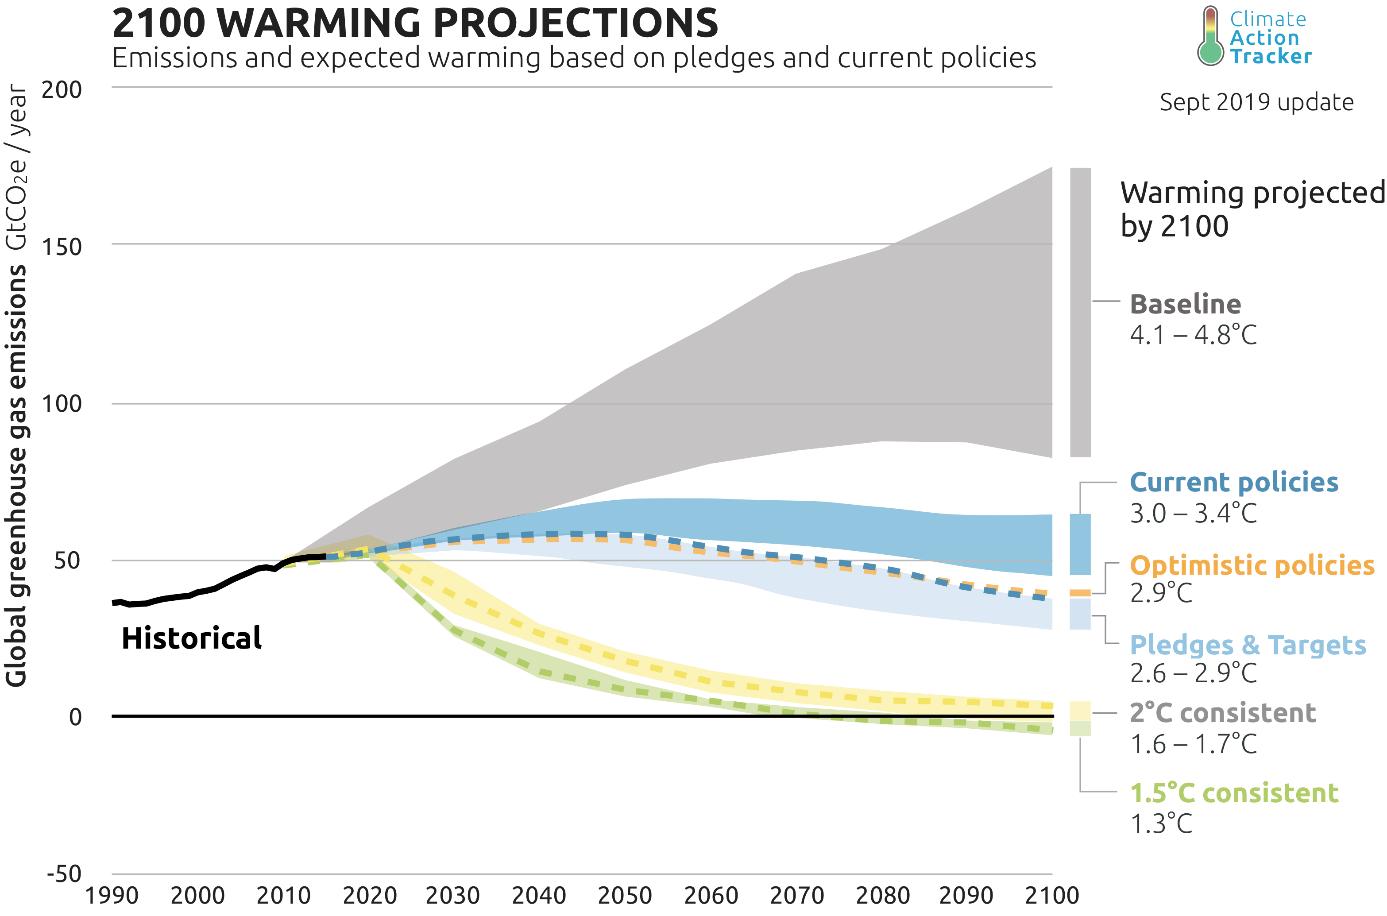 Au rythme actuel de nos émissions, notre trajectoire est celle d'une température moyenne sur terre de +4 à +5°C « courbes baseline », loin de l'engagement de limiter la hausse des températures à +2°C pris lors des accords de Paris à l'issue de la COP21 en 2015 « courbes consistent ». Infographie : Carbon Action Tracker